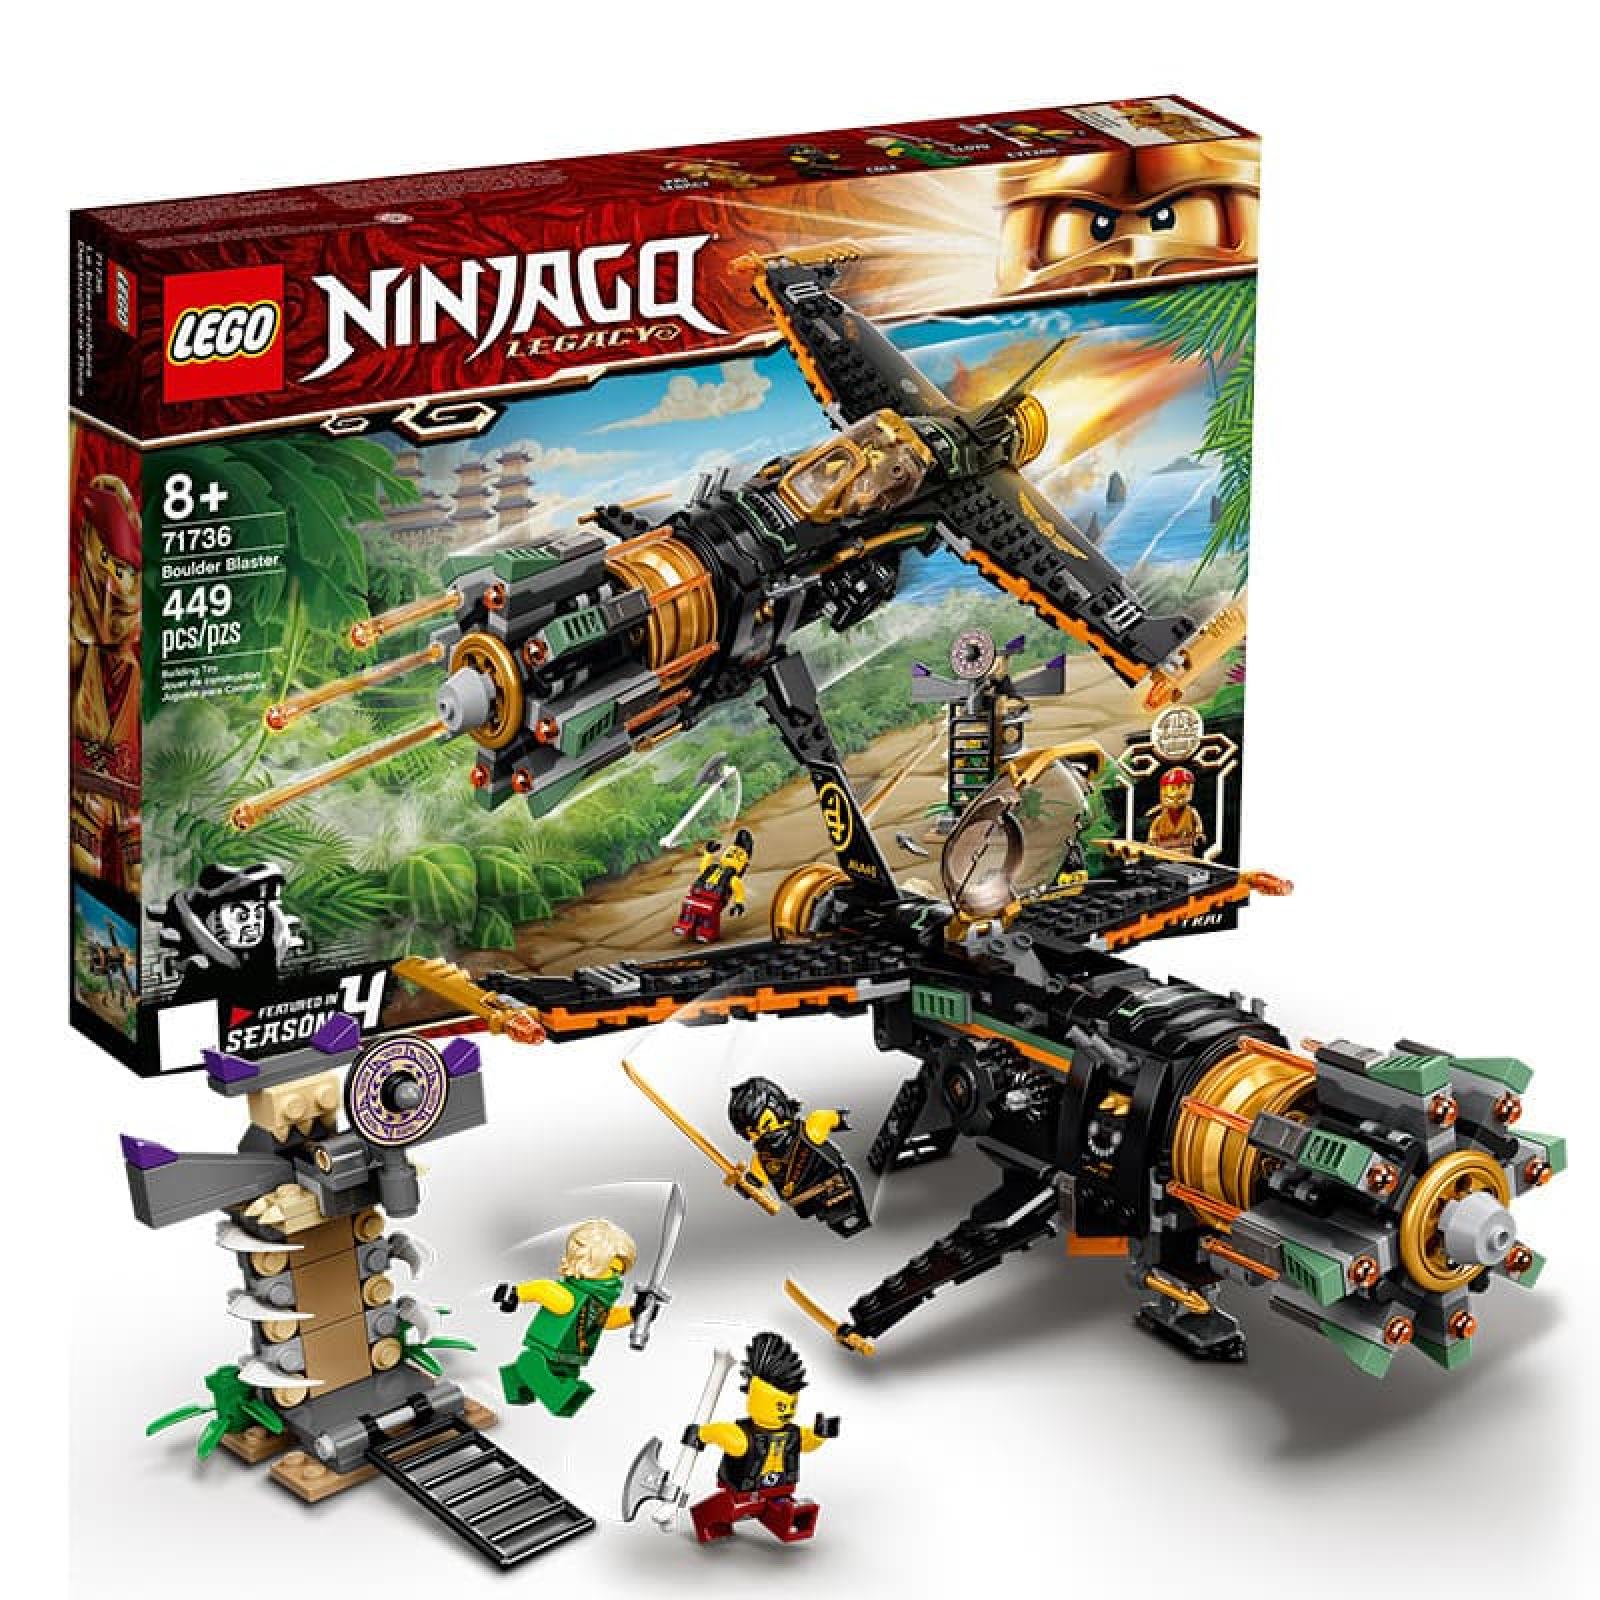 Bộ lắp ráp Lego trẻ em Ninjago Legacy tàu bay 027